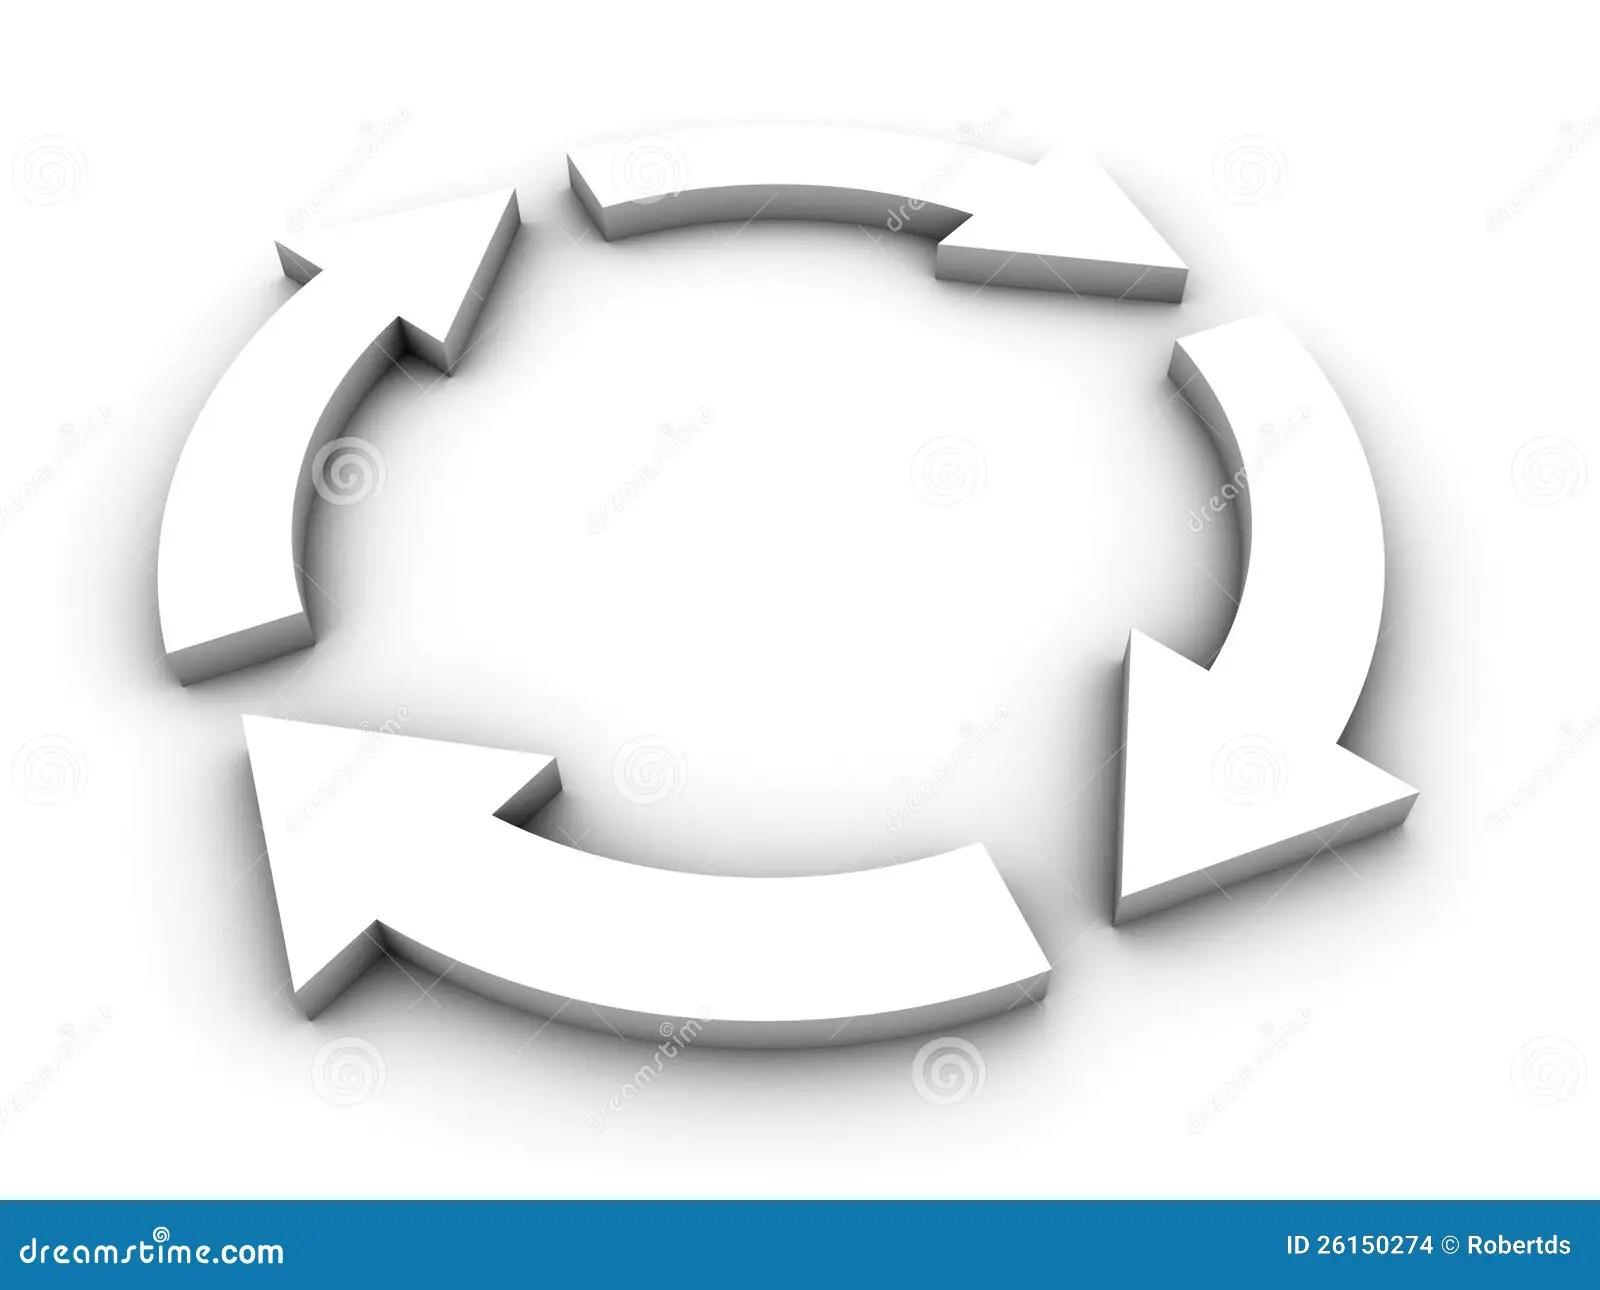 arrow circular process diagram 2004 acura tl fuse flow with arrows stock images image